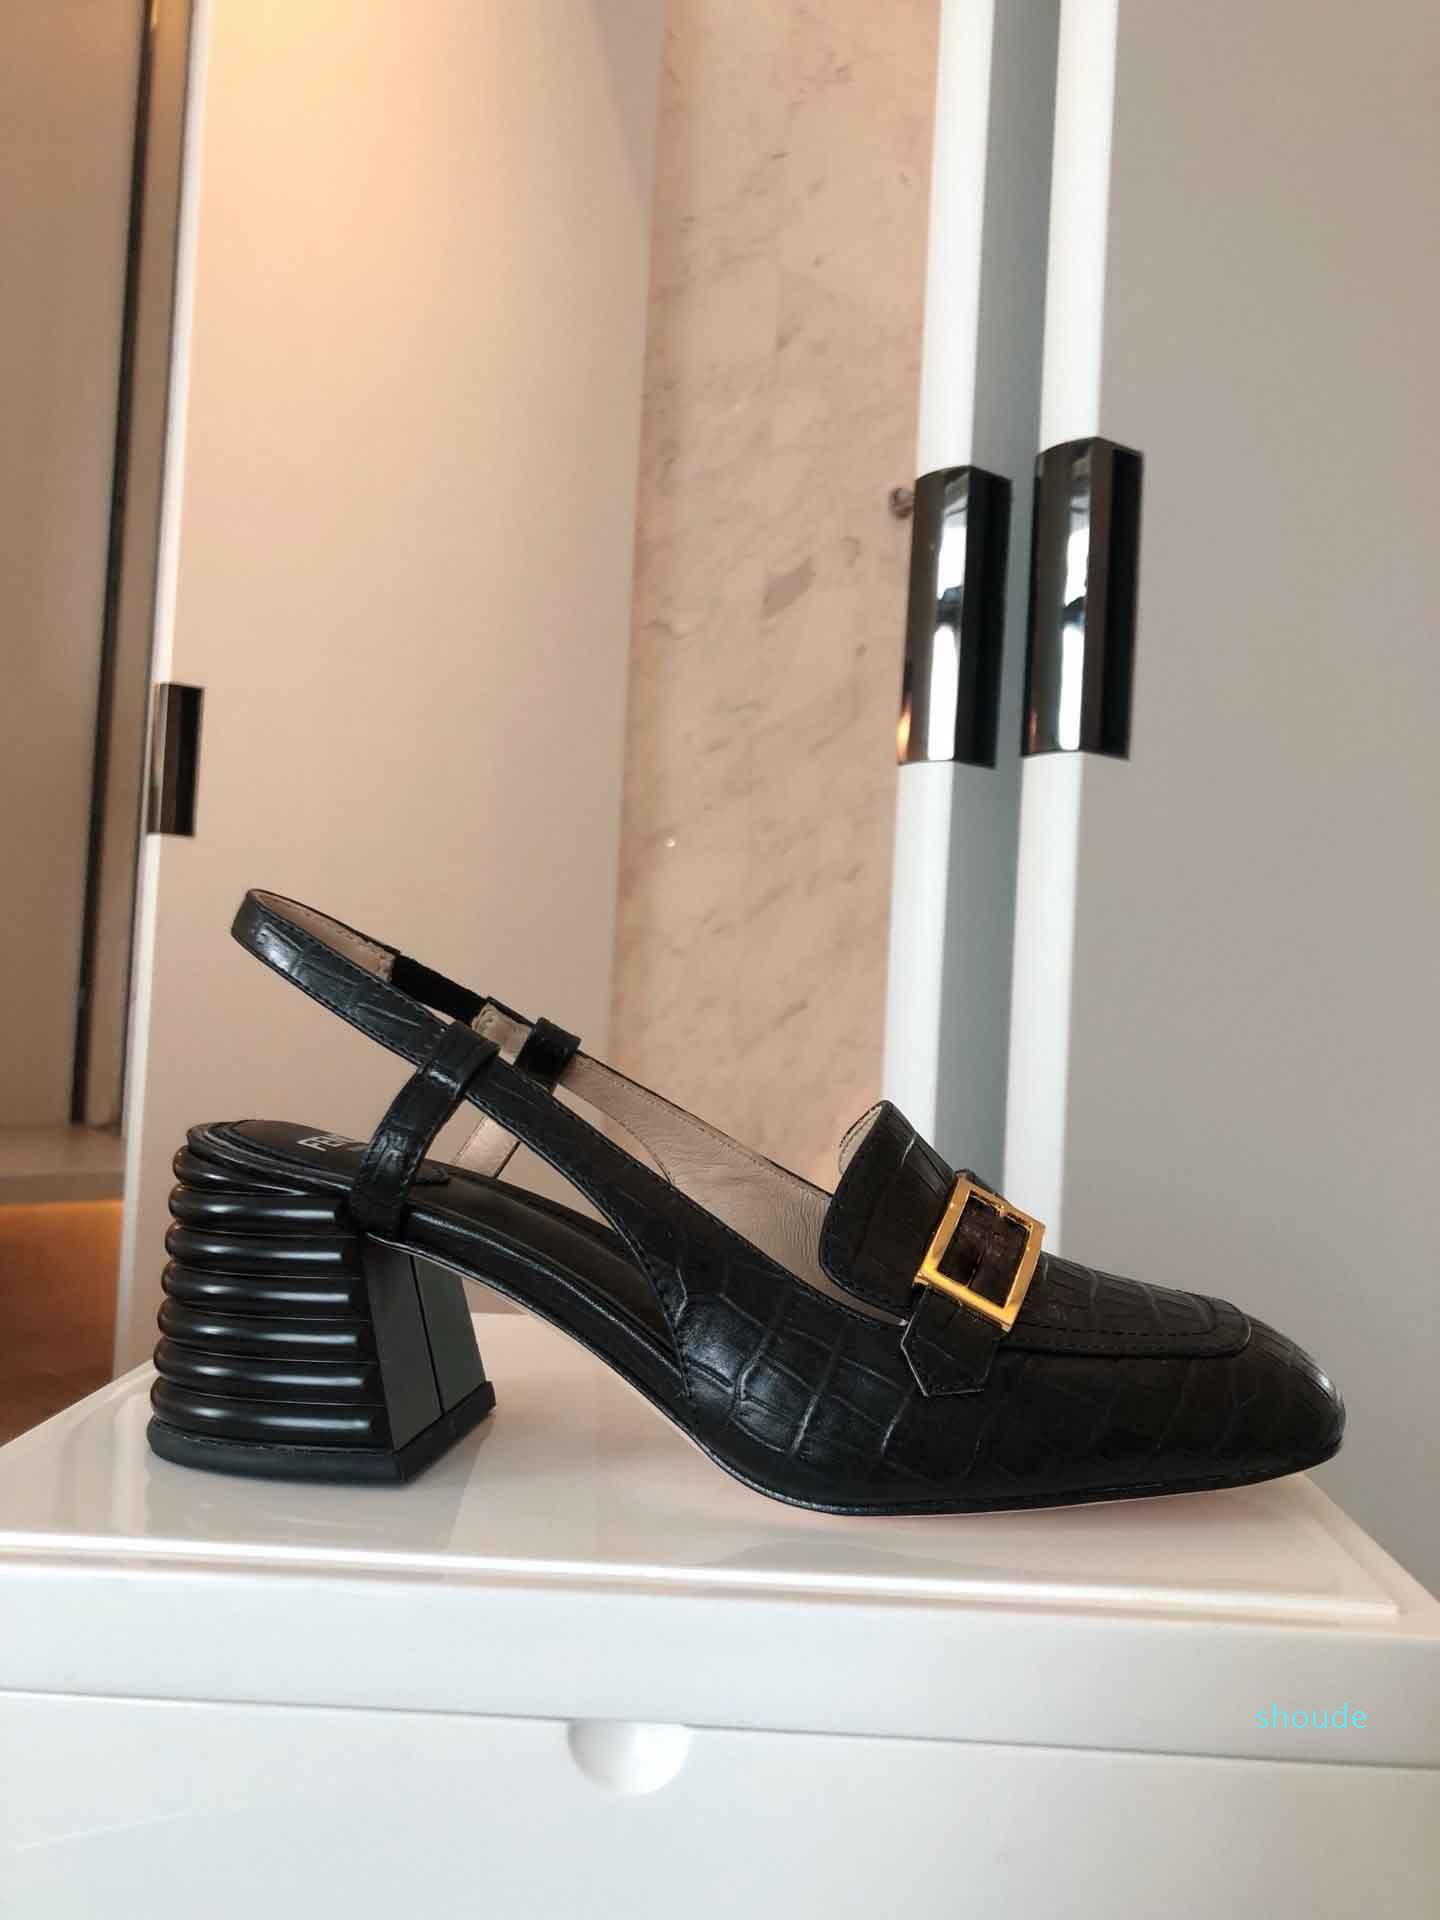 Hot Vente- 2020 Nouveaux Sandales Designer avec talons épais, tapis de talons haut luxe été pour les femmes, Sandales Designer populaires